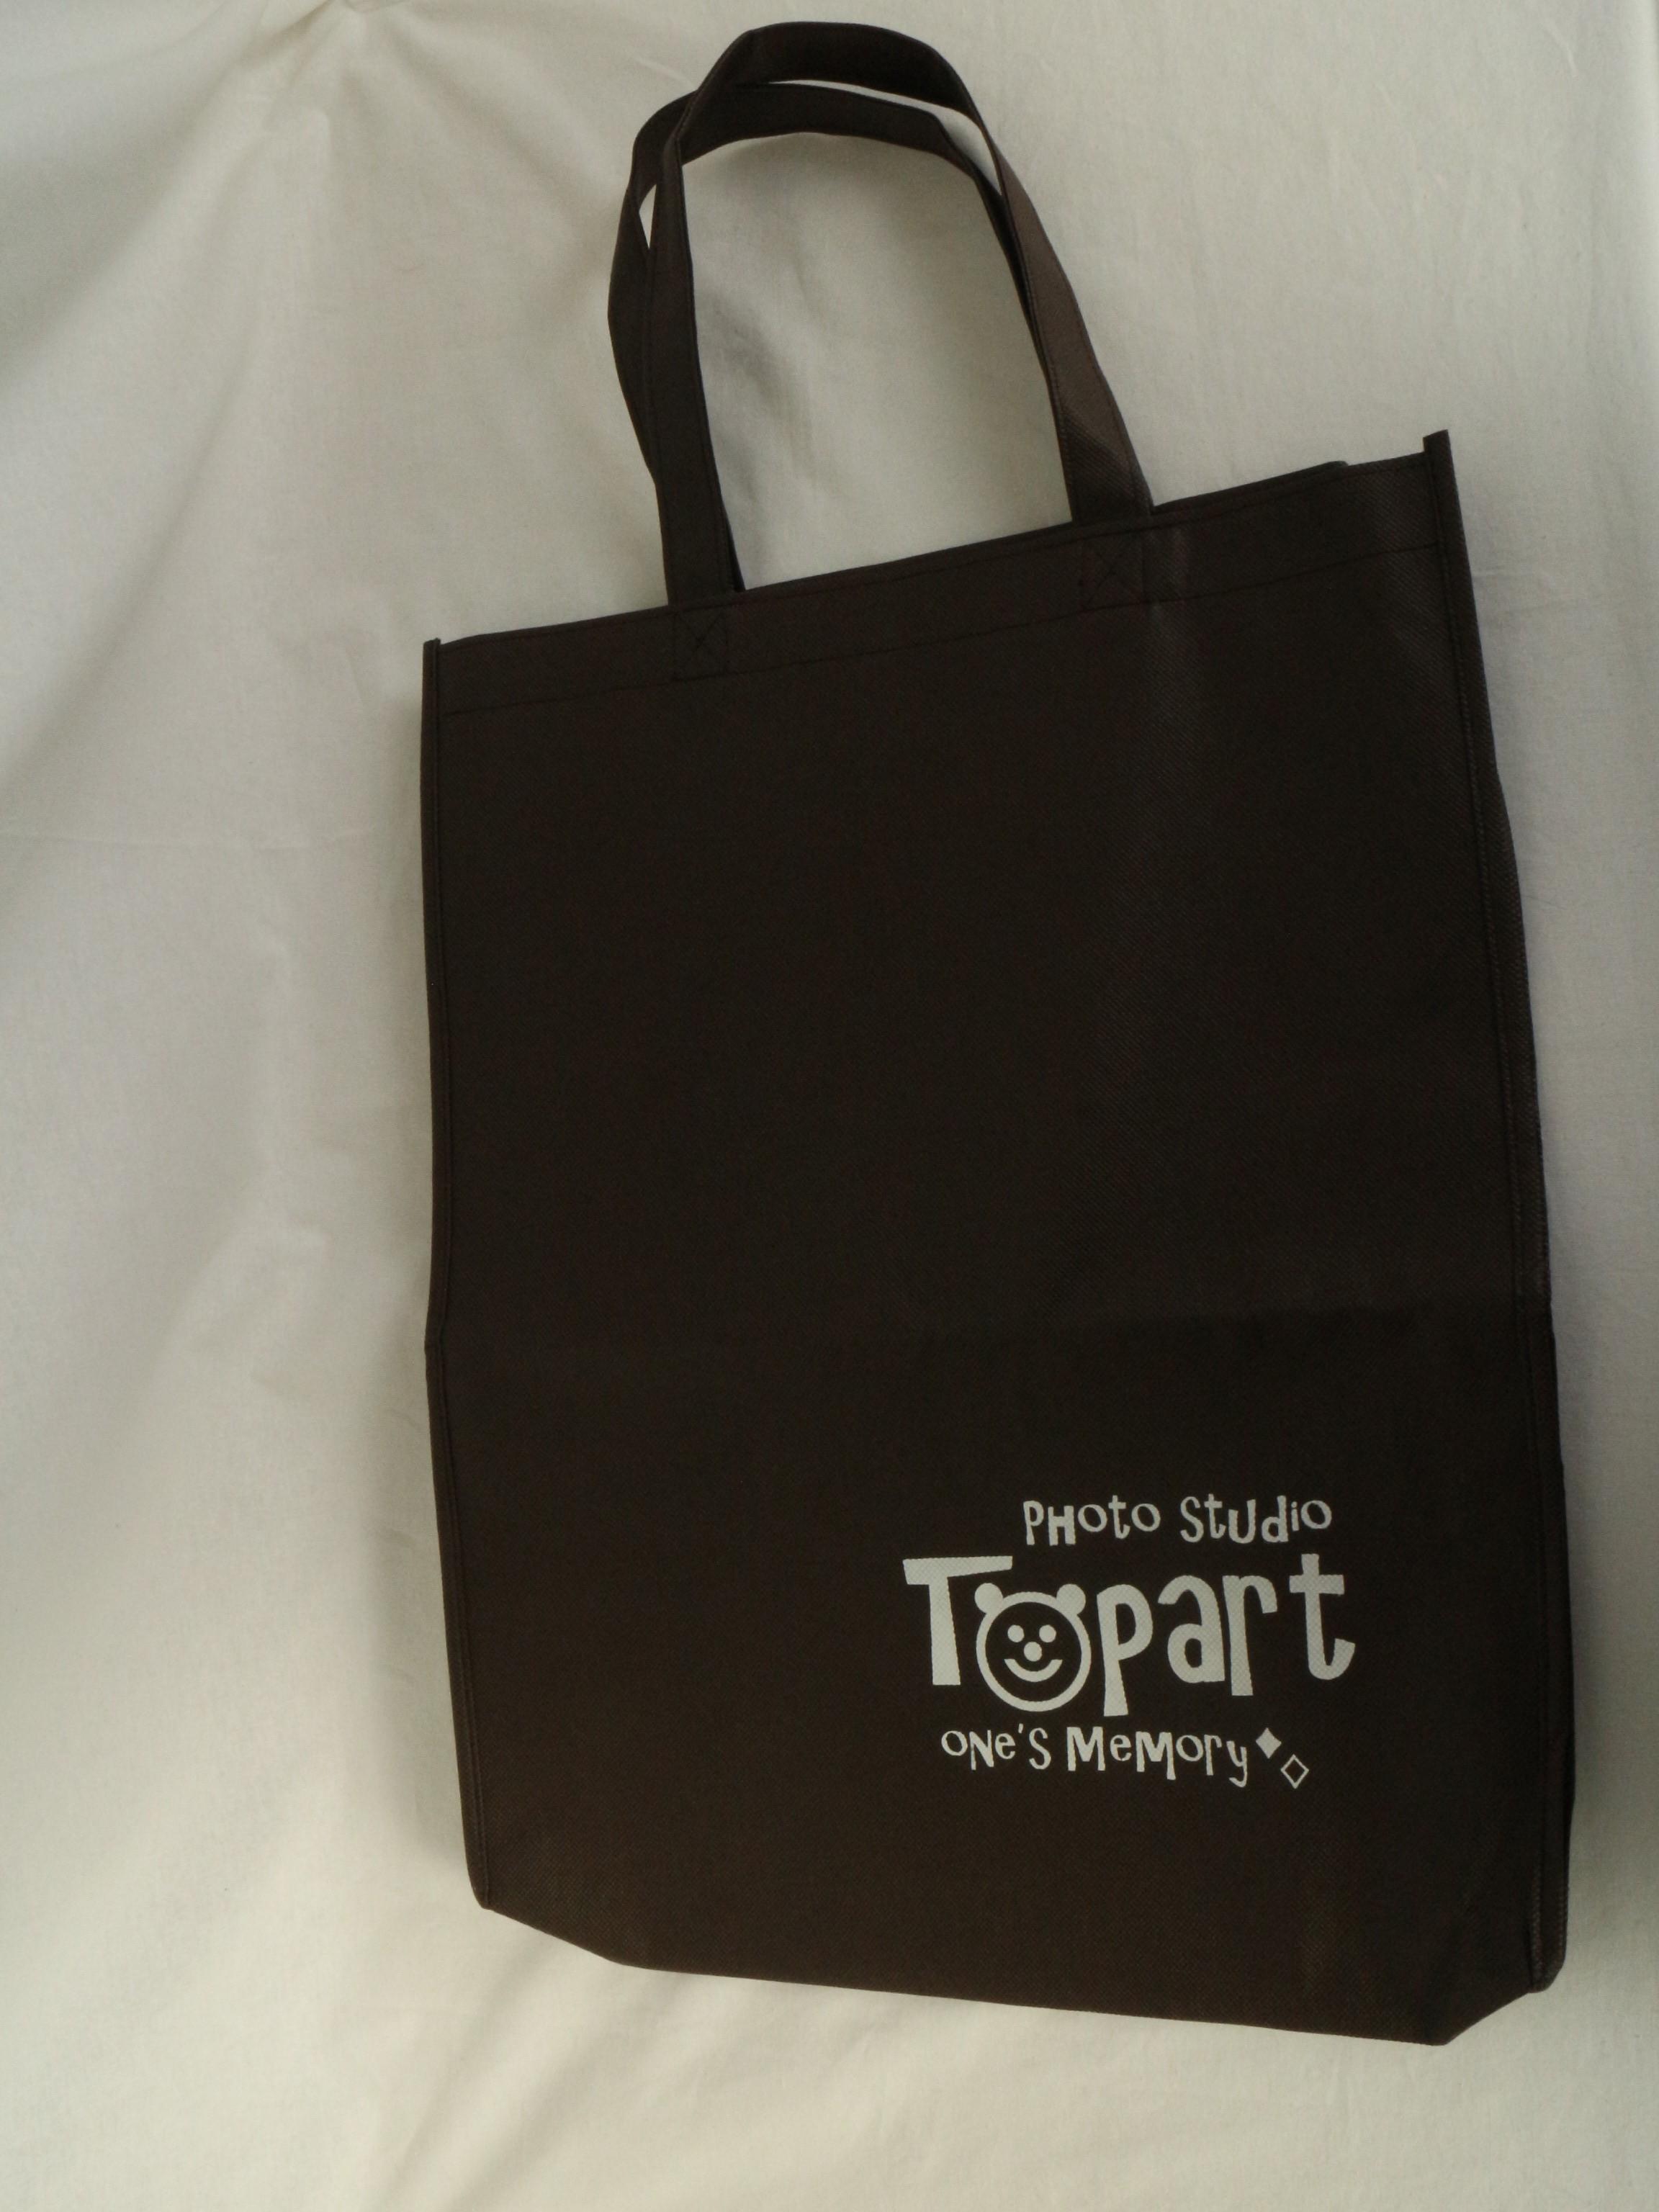 岐阜県のフォトスタジオ様のオリジナル不織布バッグ